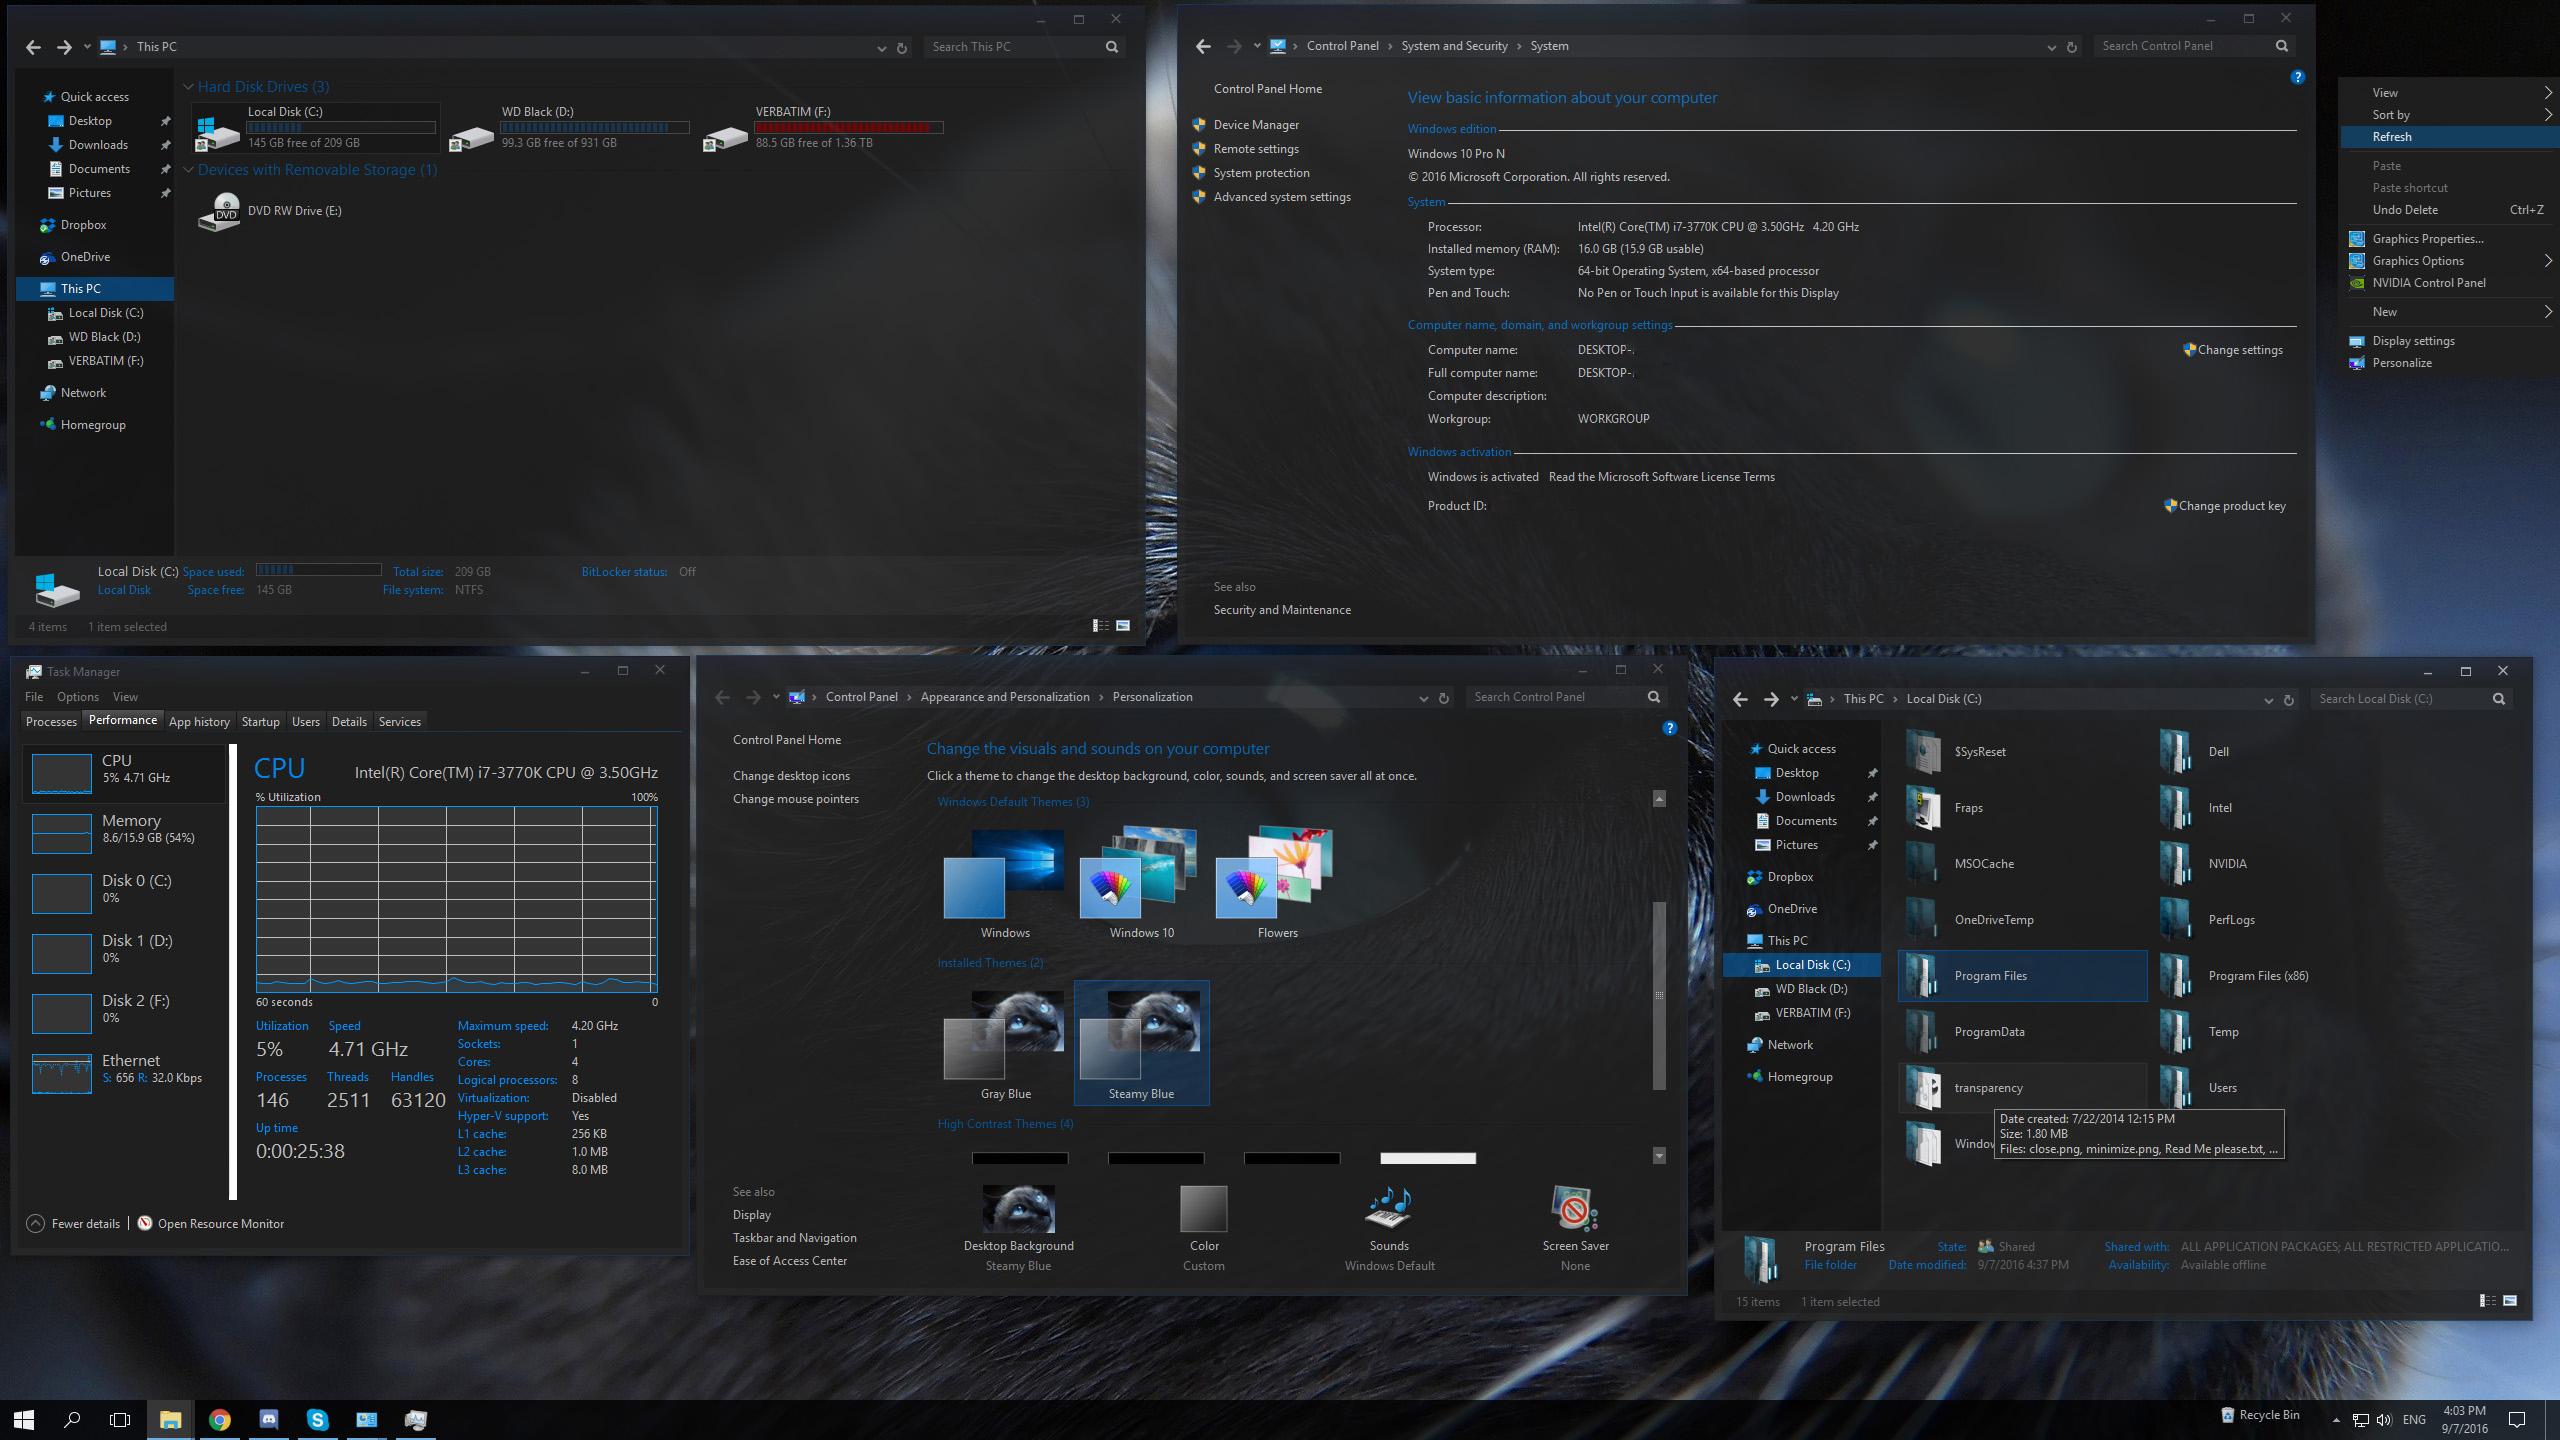 Grayish Blue Steamyblue Windows10 Theme By F3nix69 On Deviantart